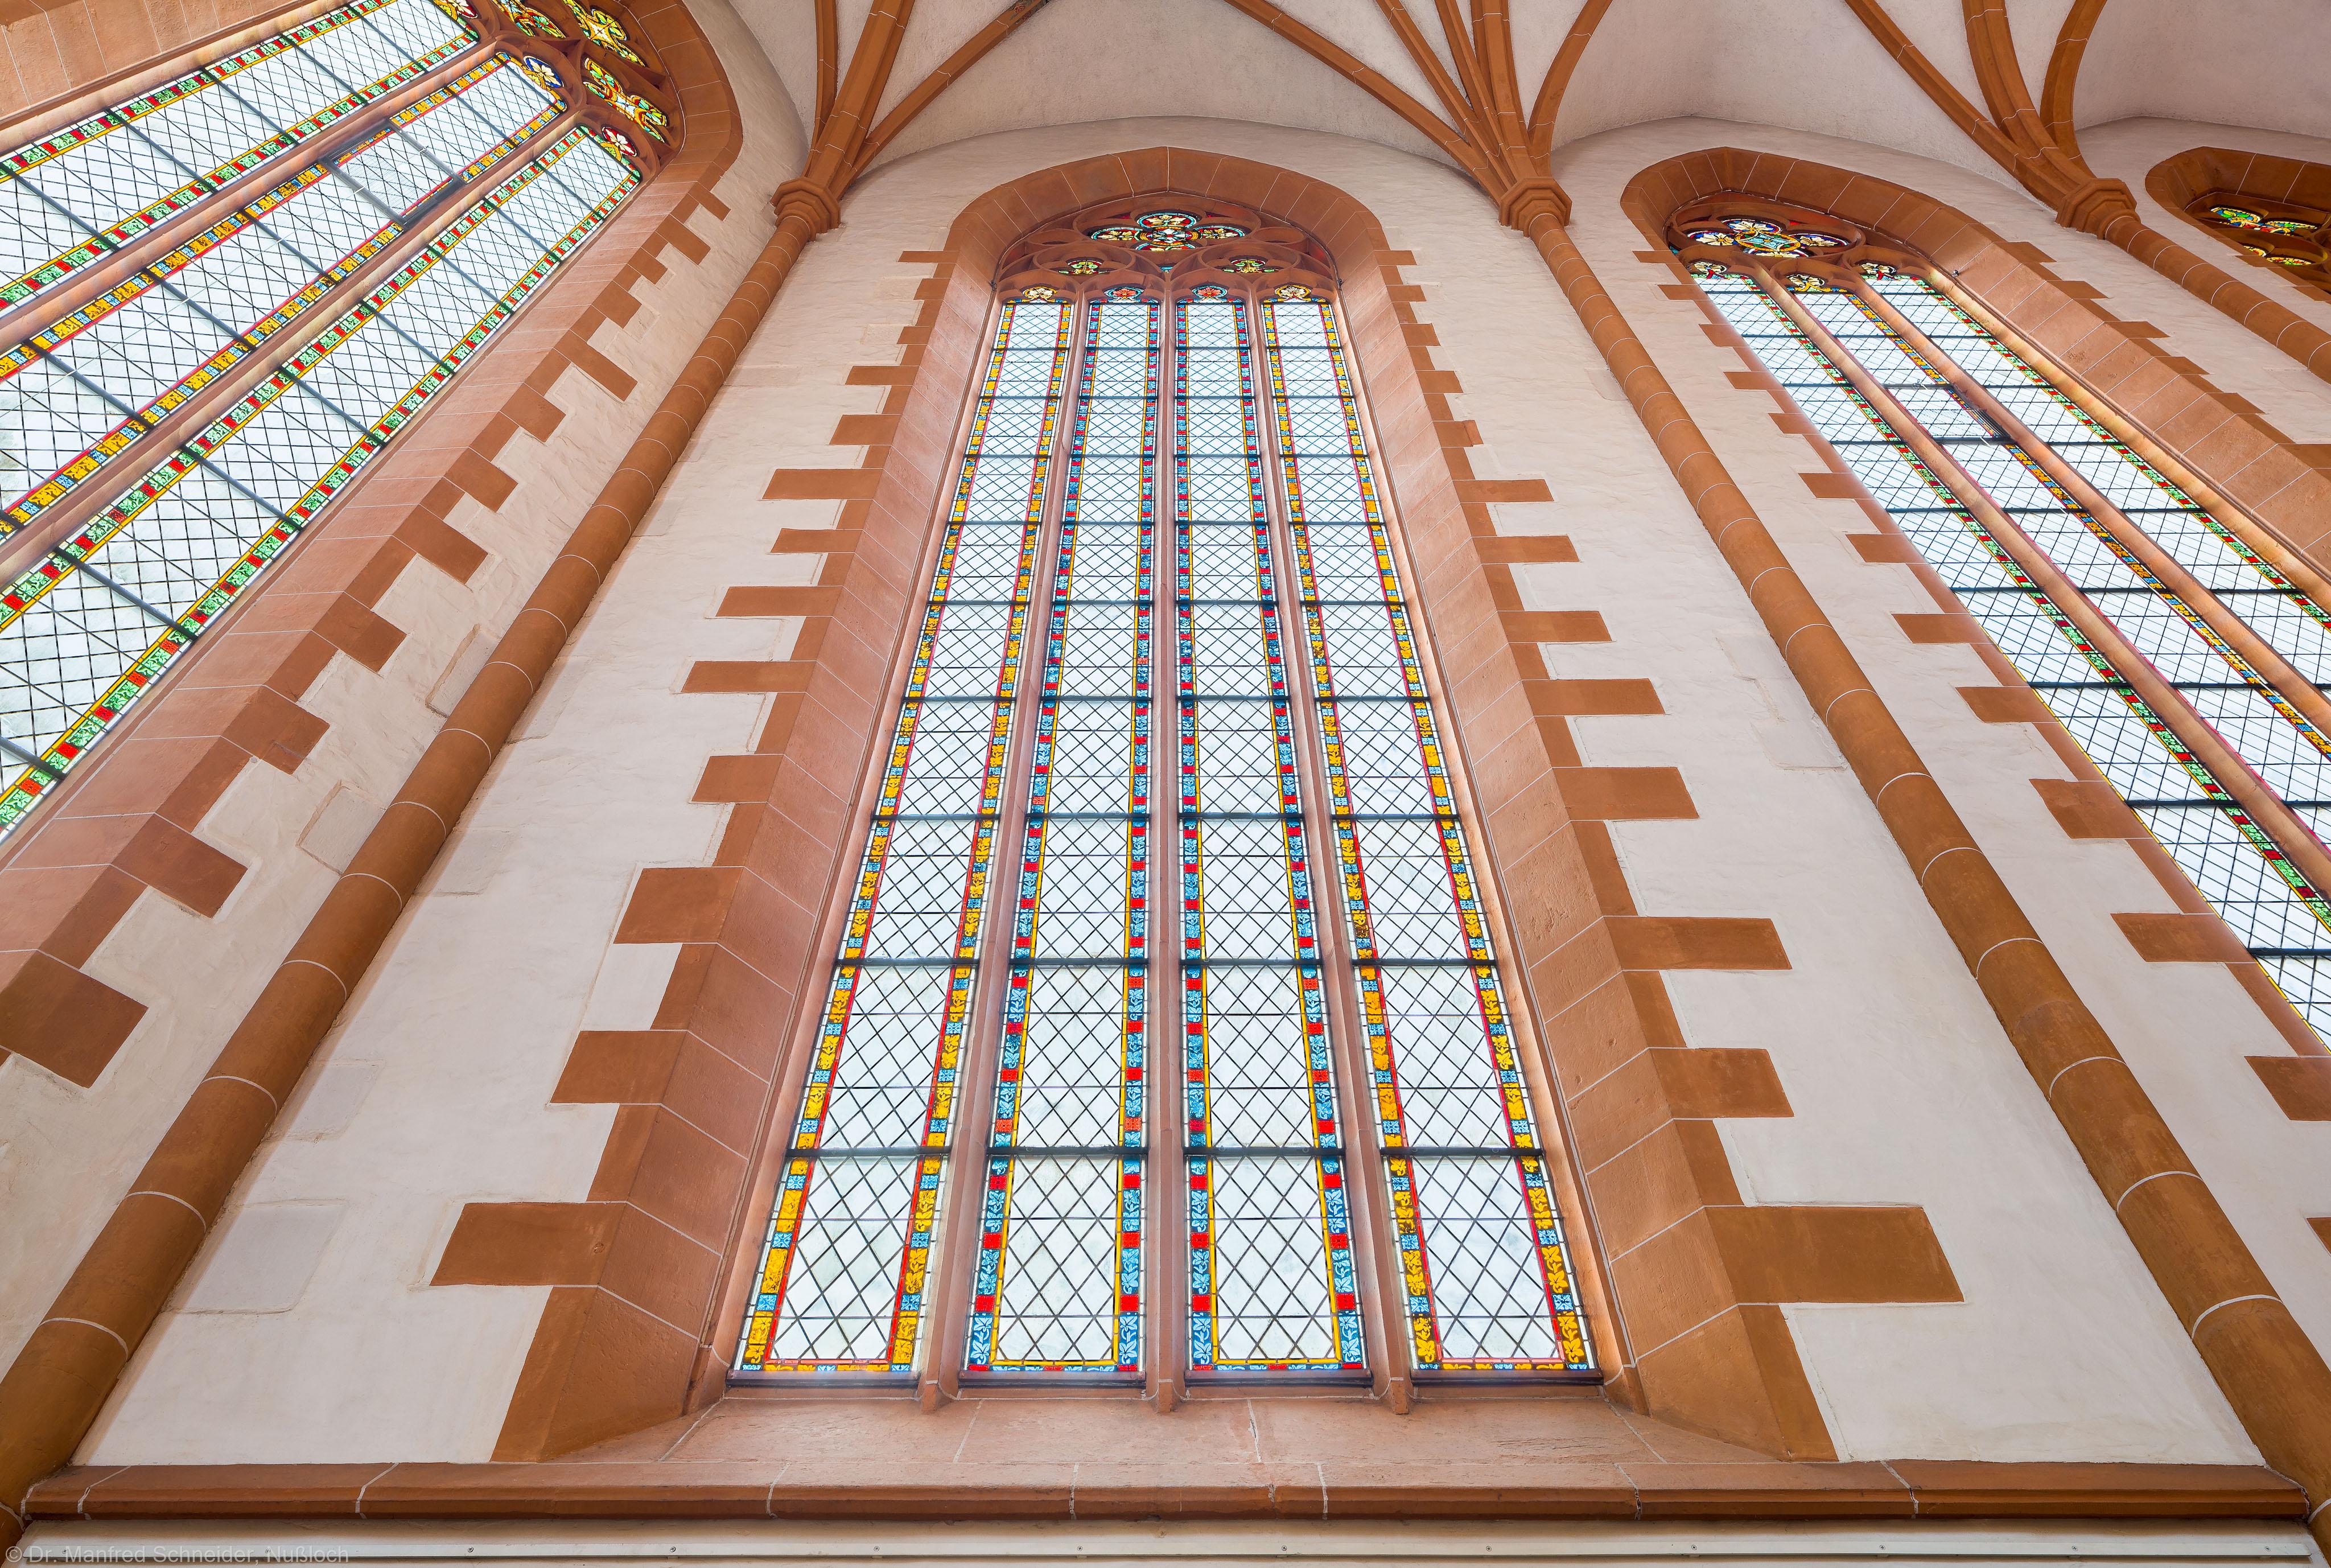 Heidelberg - Heiliggeistkirche - Chor - Blick von unten auf ein südliches Chorfenster, vor der Südwand stehend (aufgenommen im Dezember 2013, am späten Vormittag)